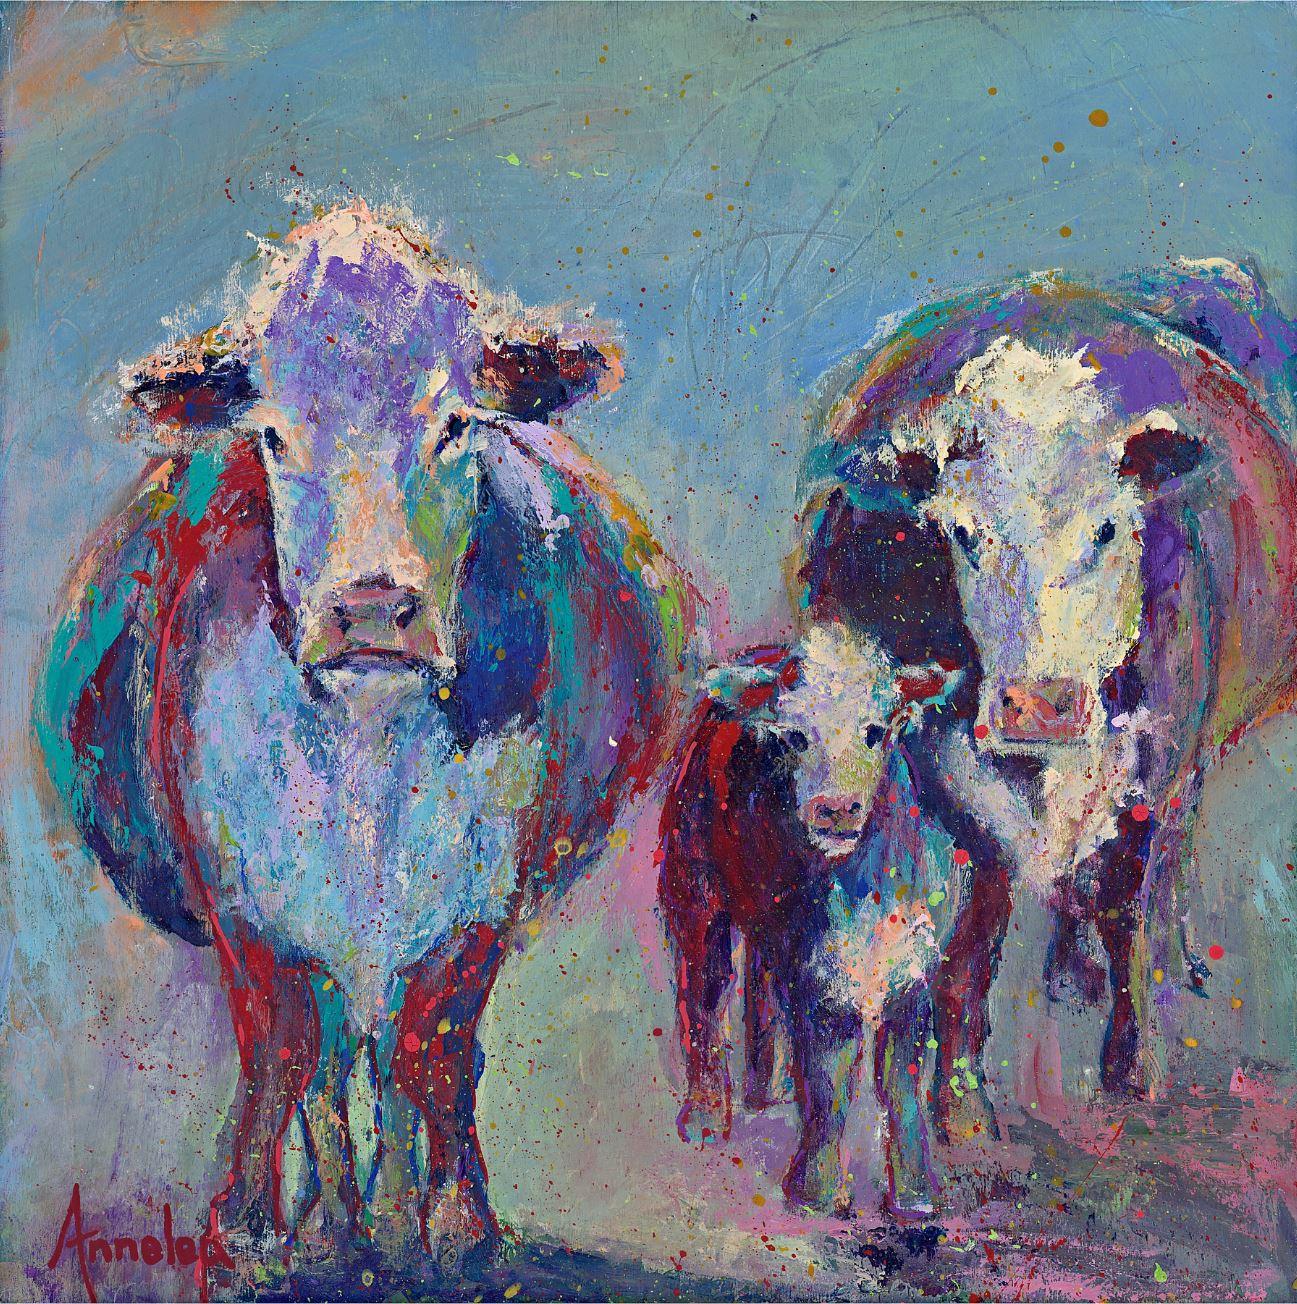 Annelea Blignaut - More Cow Stories